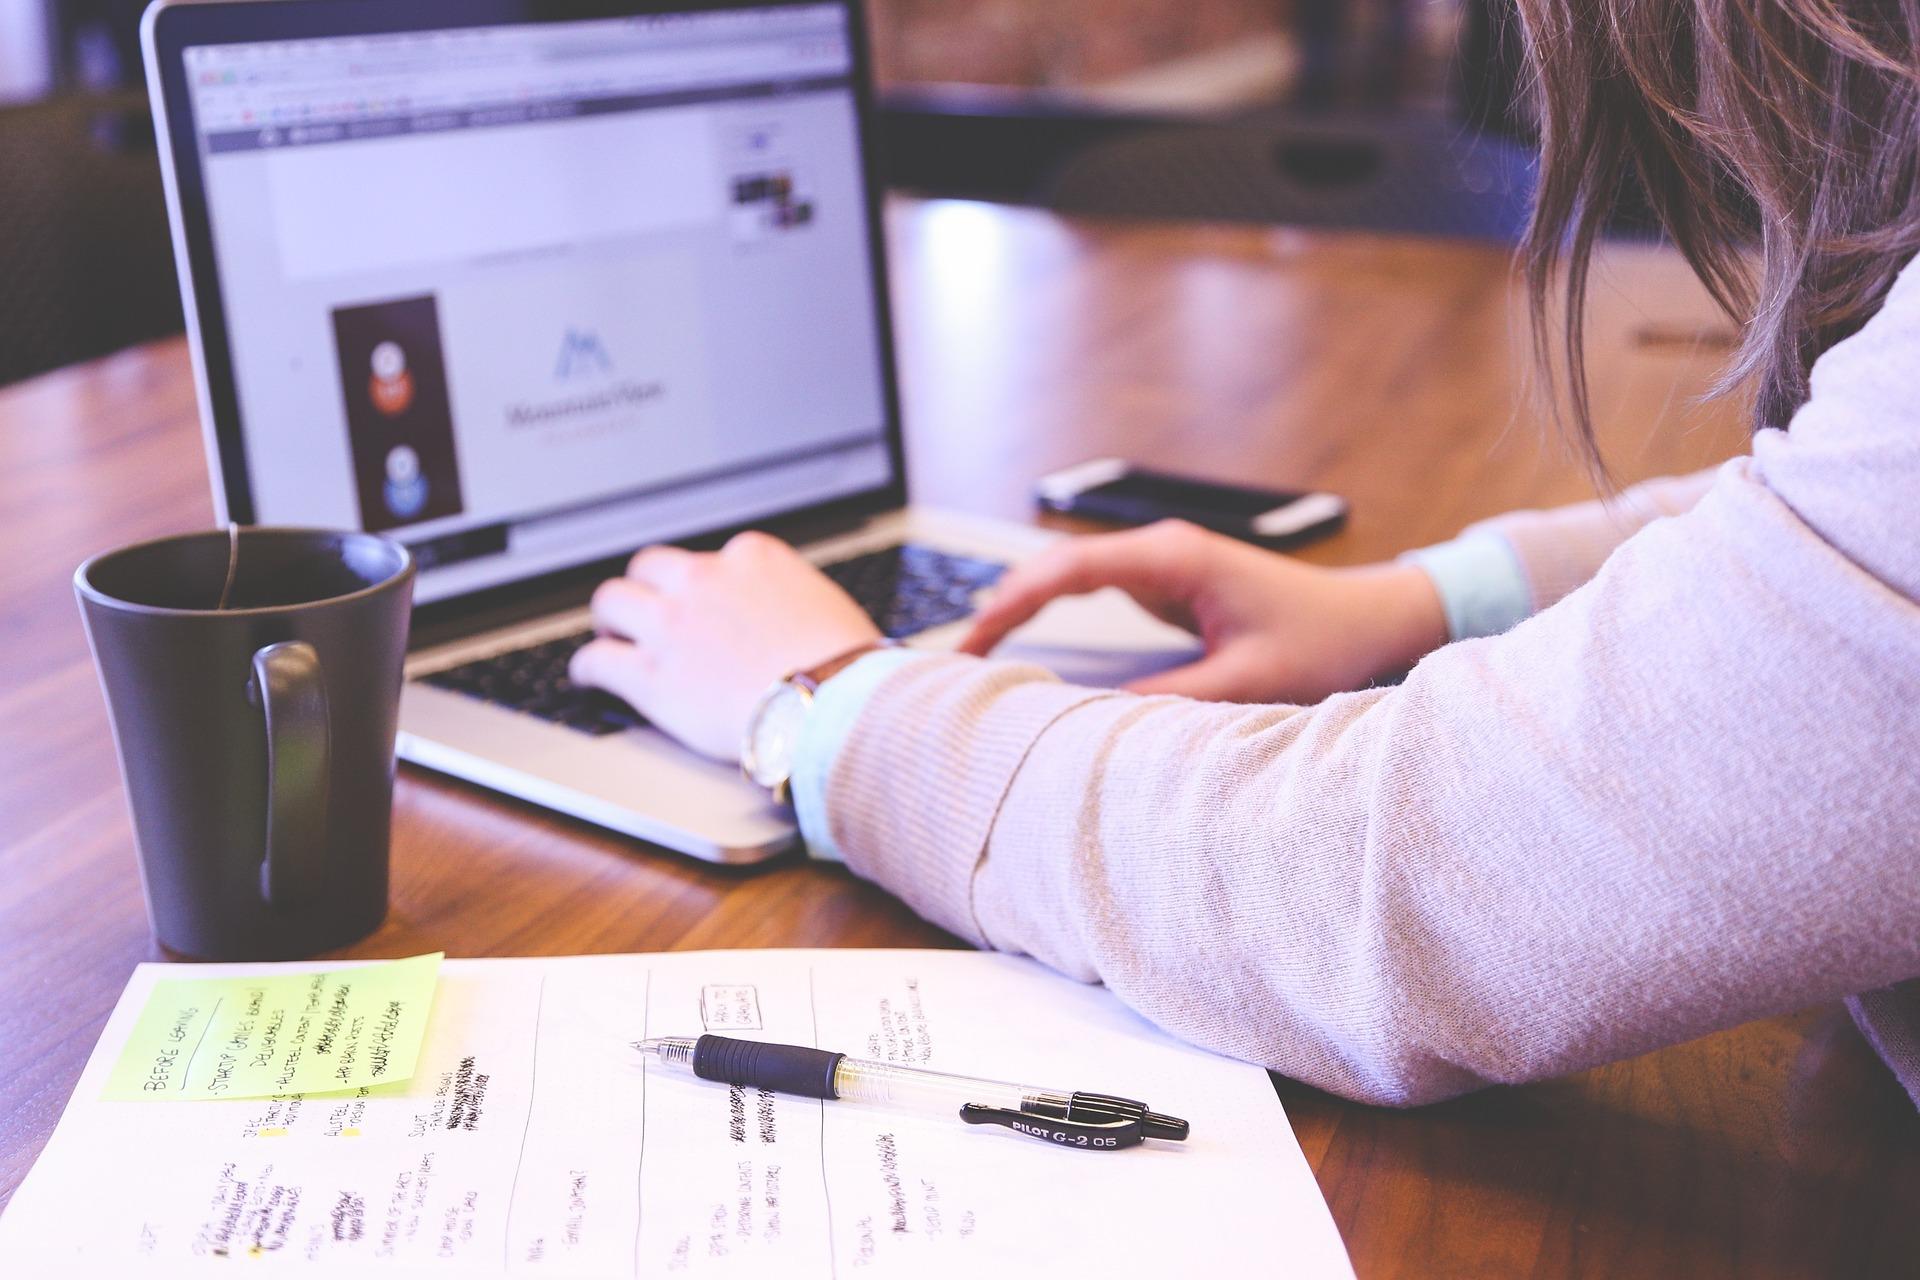 tugas kuliah di laptop